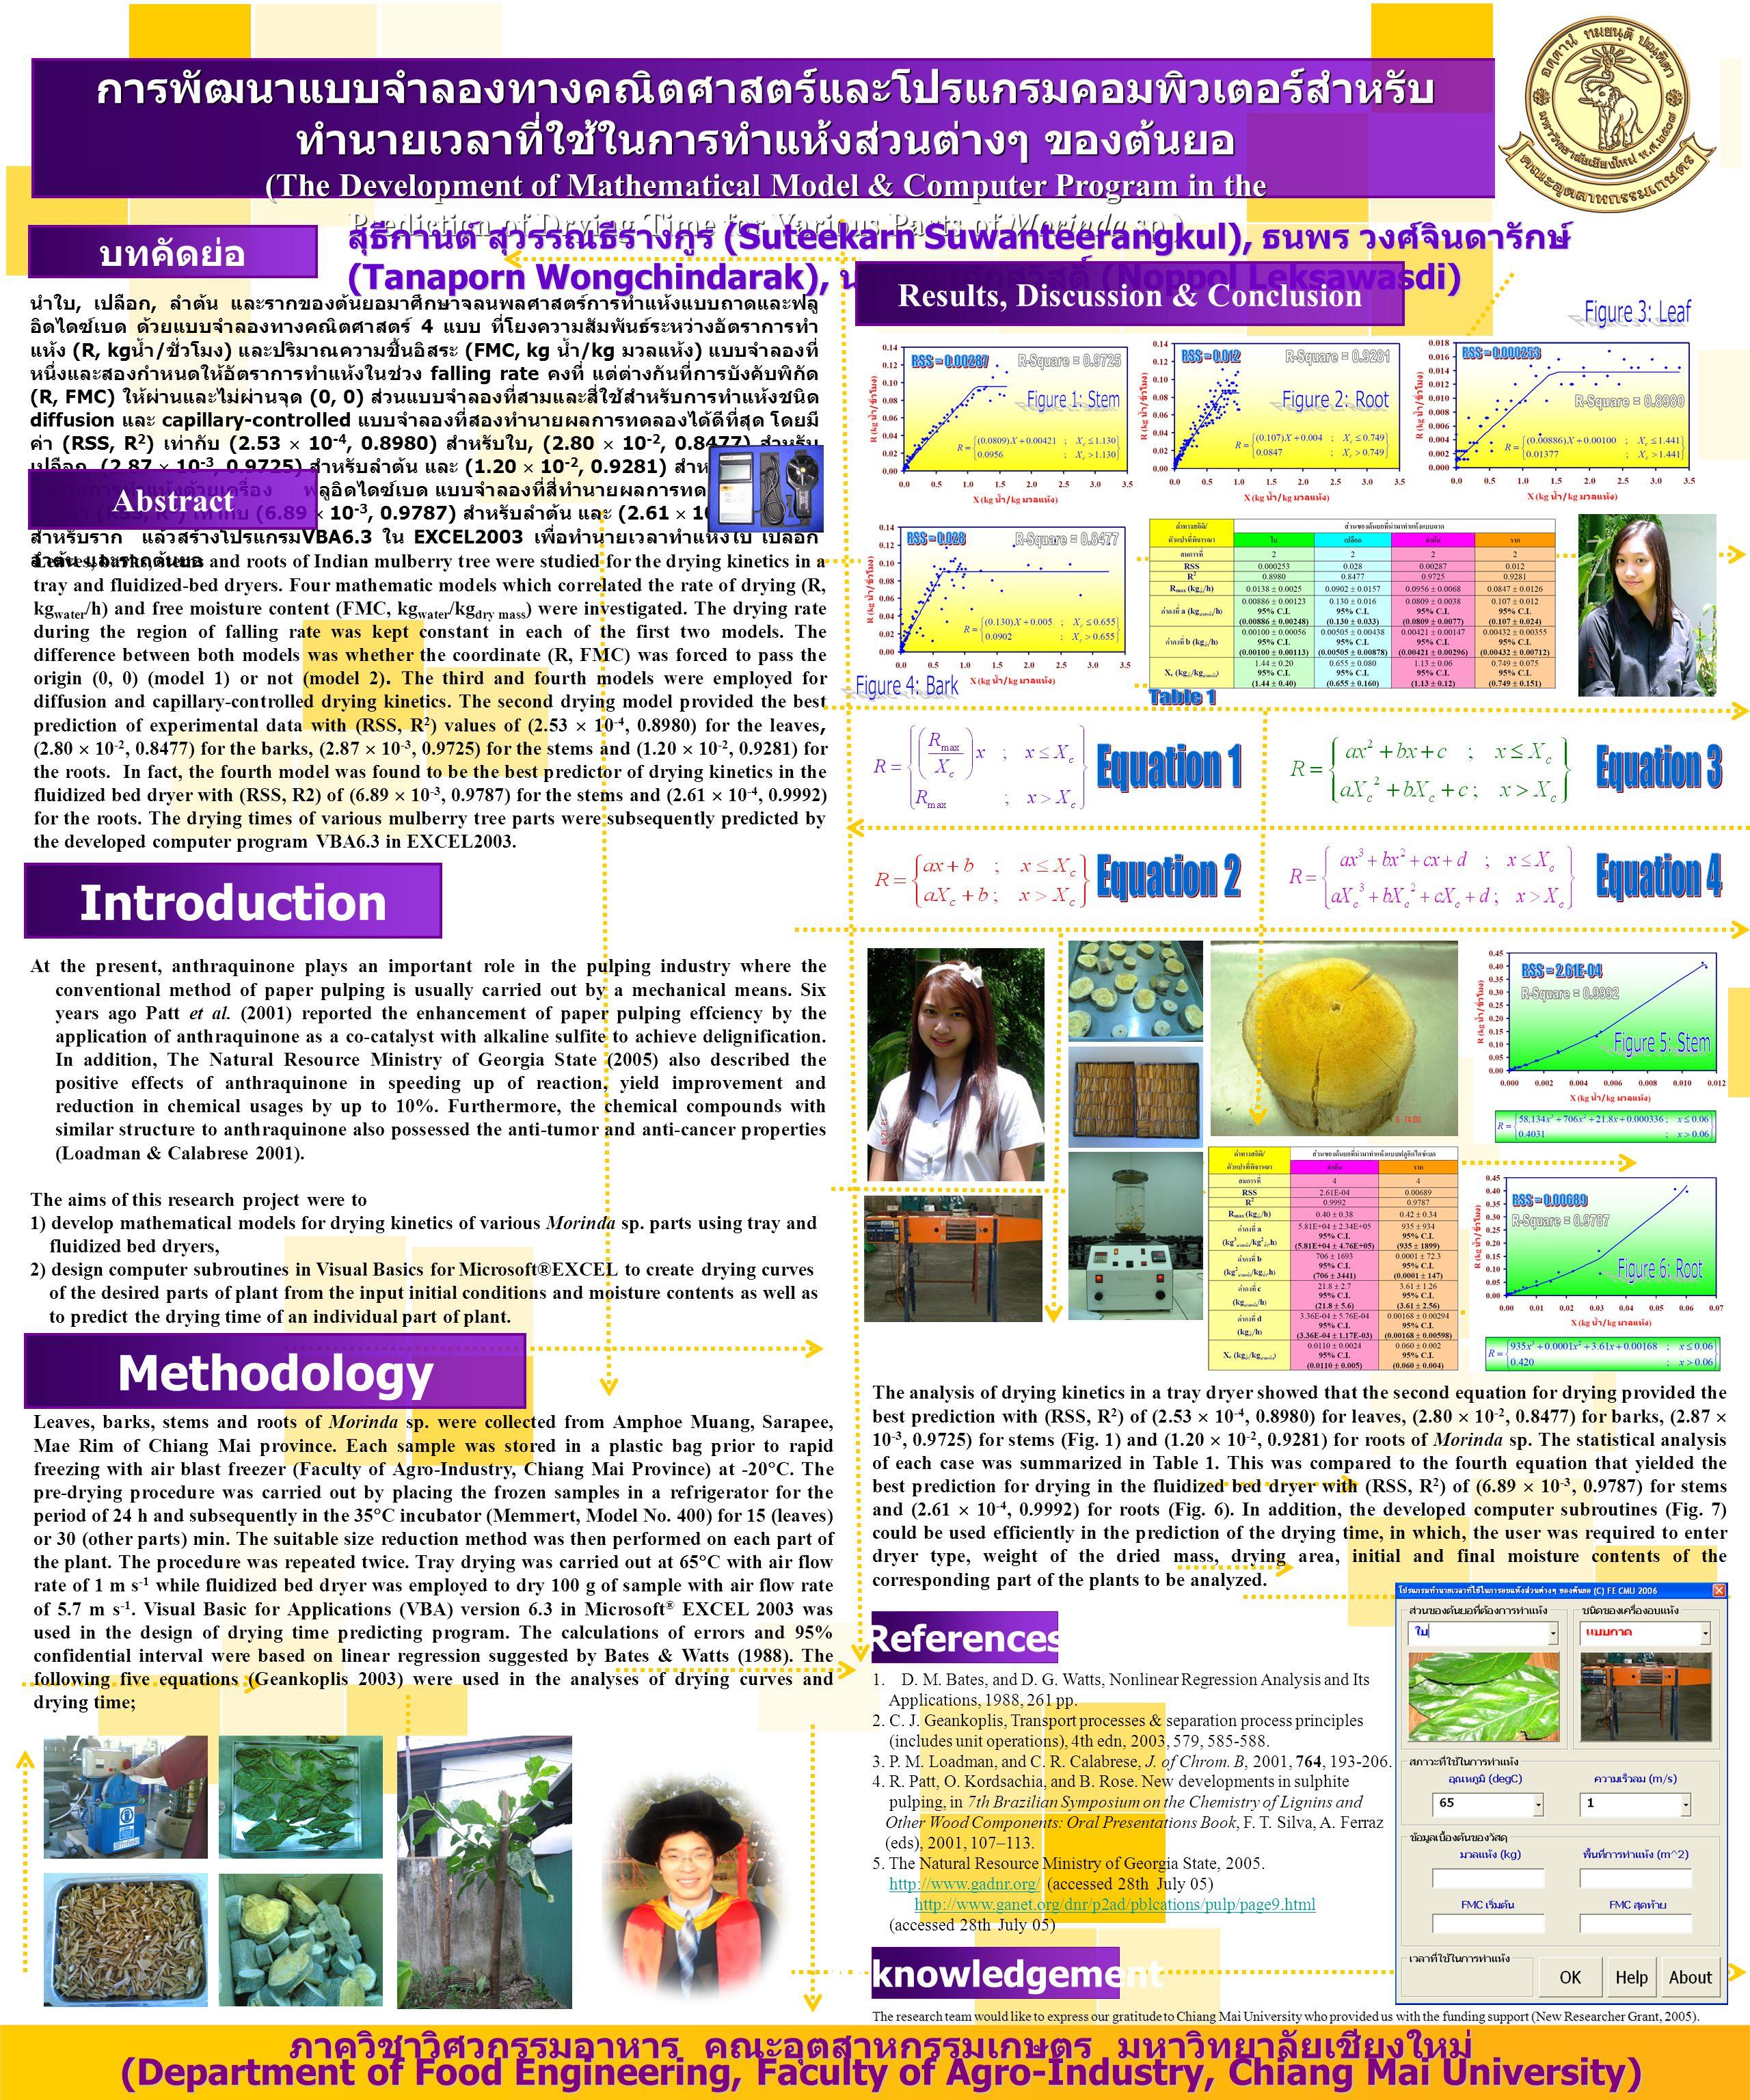 นำใบ, เปลือก, ลำต้น และรากของต้นยอมาศึกษาจลนพลศาสตร์การทำแห้งแบบถาดและฟลู อิดไดซ์เบด ด้วยแบบจำลองทางคณิตศาสตร์ 4 แบบ ที่โยงความสัมพันธ์ระหว่างอัตราการทำ แห้ง (R, kg น้ำ / ชั่วโมง ) และปริมาณความชื้นอิสระ (FMC, kg น้ำ /kg มวลแห้ง ) แบบจำลองที่ หนึ่งและสองกำหนดให้อัตราการทำแห้งในช่วง falling rate คงที่ แต่ต่างกันที่การบังคับพิกัด (R, FMC) ให้ผ่านและไม่ผ่านจุด (0, 0) ส่วนแบบจำลองที่สามและสี่ใช้สำหรับการทำแห้งชนิด diffusion และ capillary-controlled แบบจำลองที่สองทำนายผลการทดลองได้ดีที่สุด โดยมี ค่า (RSS, R 2 ) เท่ากับ (2.53  10 -4, 0.8980) สำหรับใบ, (2.80  10 -2, 0.8477) สำหรับ เปลือก, (2.87  10 -3, 0.9725) สำหรับลำต้น และ (1.20  10 -2, 0.9281) สำหรับรากต้นยอ ในส่วนการทำแห้งด้วยเครื่อง ฟลูอิดไดซ์เบด แบบจำลองที่สี่ทำนายผลการทดลองได้ดีที่สุด ด้วยค่า (RSS, R 2 ) เท่ากับ (6.89  10 -3, 0.9787) สำหรับลำต้น และ (2.61  10 -4, 0.9992) สำหรับราก แล้วสร้างโปรแกรม VBA6.3 ใน EXCEL2003 เพื่อทำนายเวลาทำแห้งใบ เปลือก ลำต้น และรากต้นยอ การพัฒนาแบบจําลองทางคณิตศาสตรและโปรแกรมคอมพิวเตอรสําหรับ ทํานายเวลาที่ใชในการทําแหงสวนตางๆ ของตนยอ (The Development of Mathematical Model & Computer Program in the Prediction of Drying Time for Various Parts of Morinda sp.) บทคัดย่อ References Introduction ภาควิชาวิศวกรรมอาหาร คณะอุตสาหกรรมเกษตร มหาวิทยาลัยเชียงใหม่ (Department of Food Engineering, Faculty of Agro-Industry, Chiang Mai University) Abstract Leaves, barks, stems and roots of Indian mulberry tree were studied for the drying kinetics in a tray and fluidized-bed dryers.